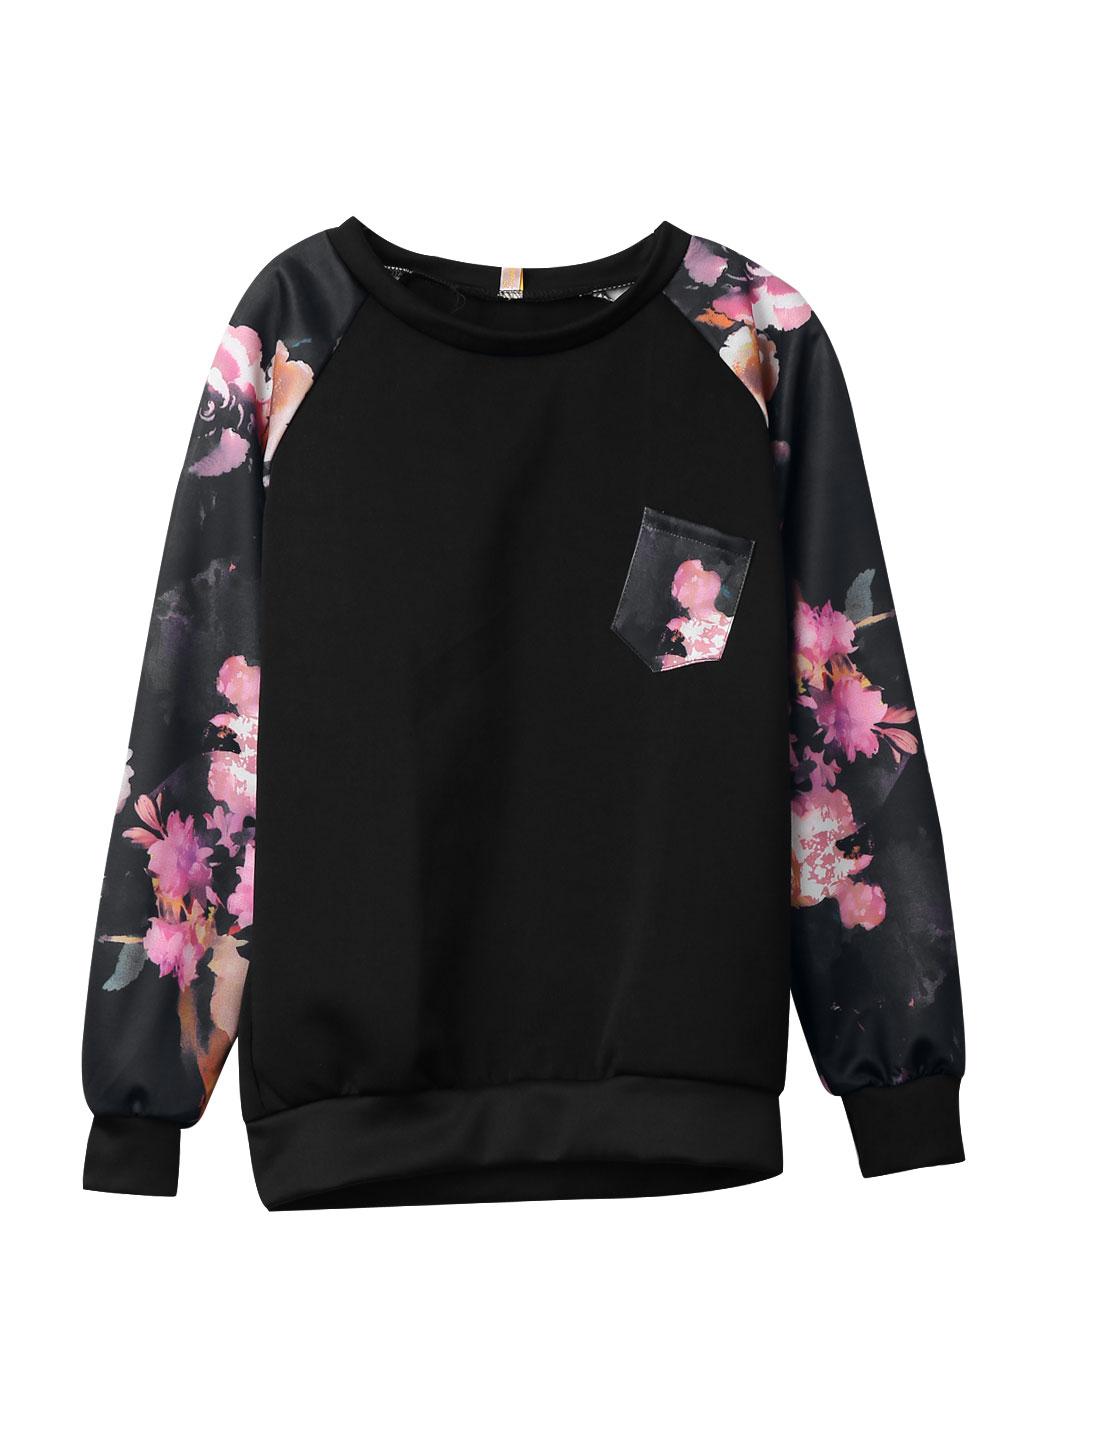 Ladies Black Pullover Floral Prints One Bust Pocket Raglan Sleeves Sweatshirt XS